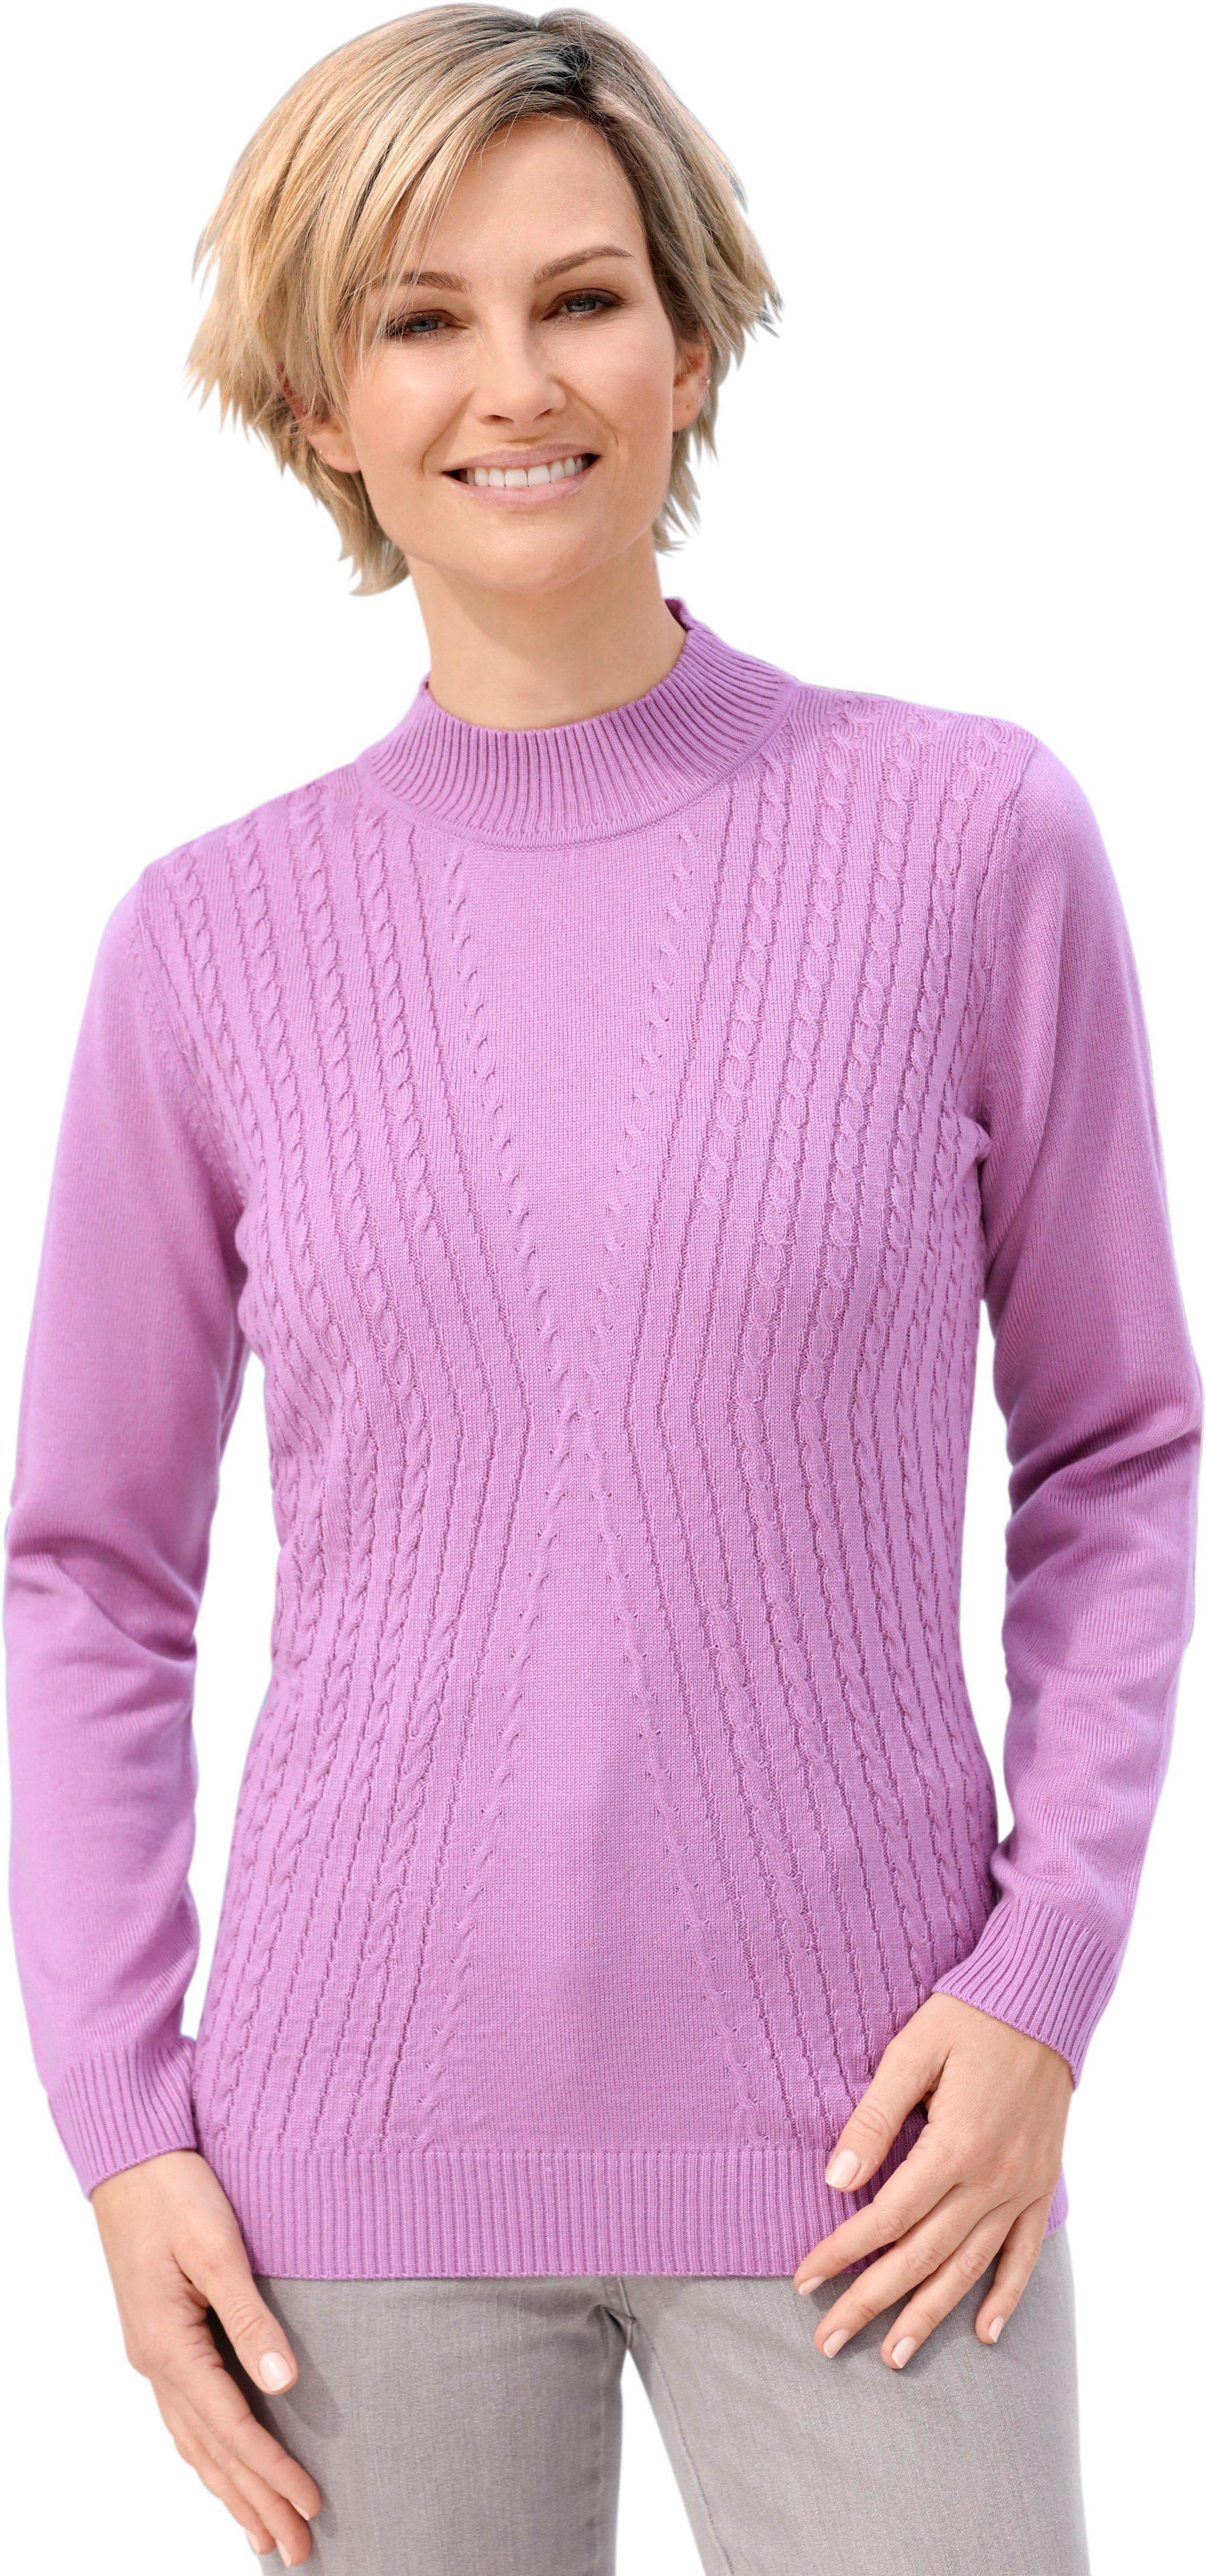 Casual Looks Pullover mit figurfreundlichem Strickmuster im Vorderteil